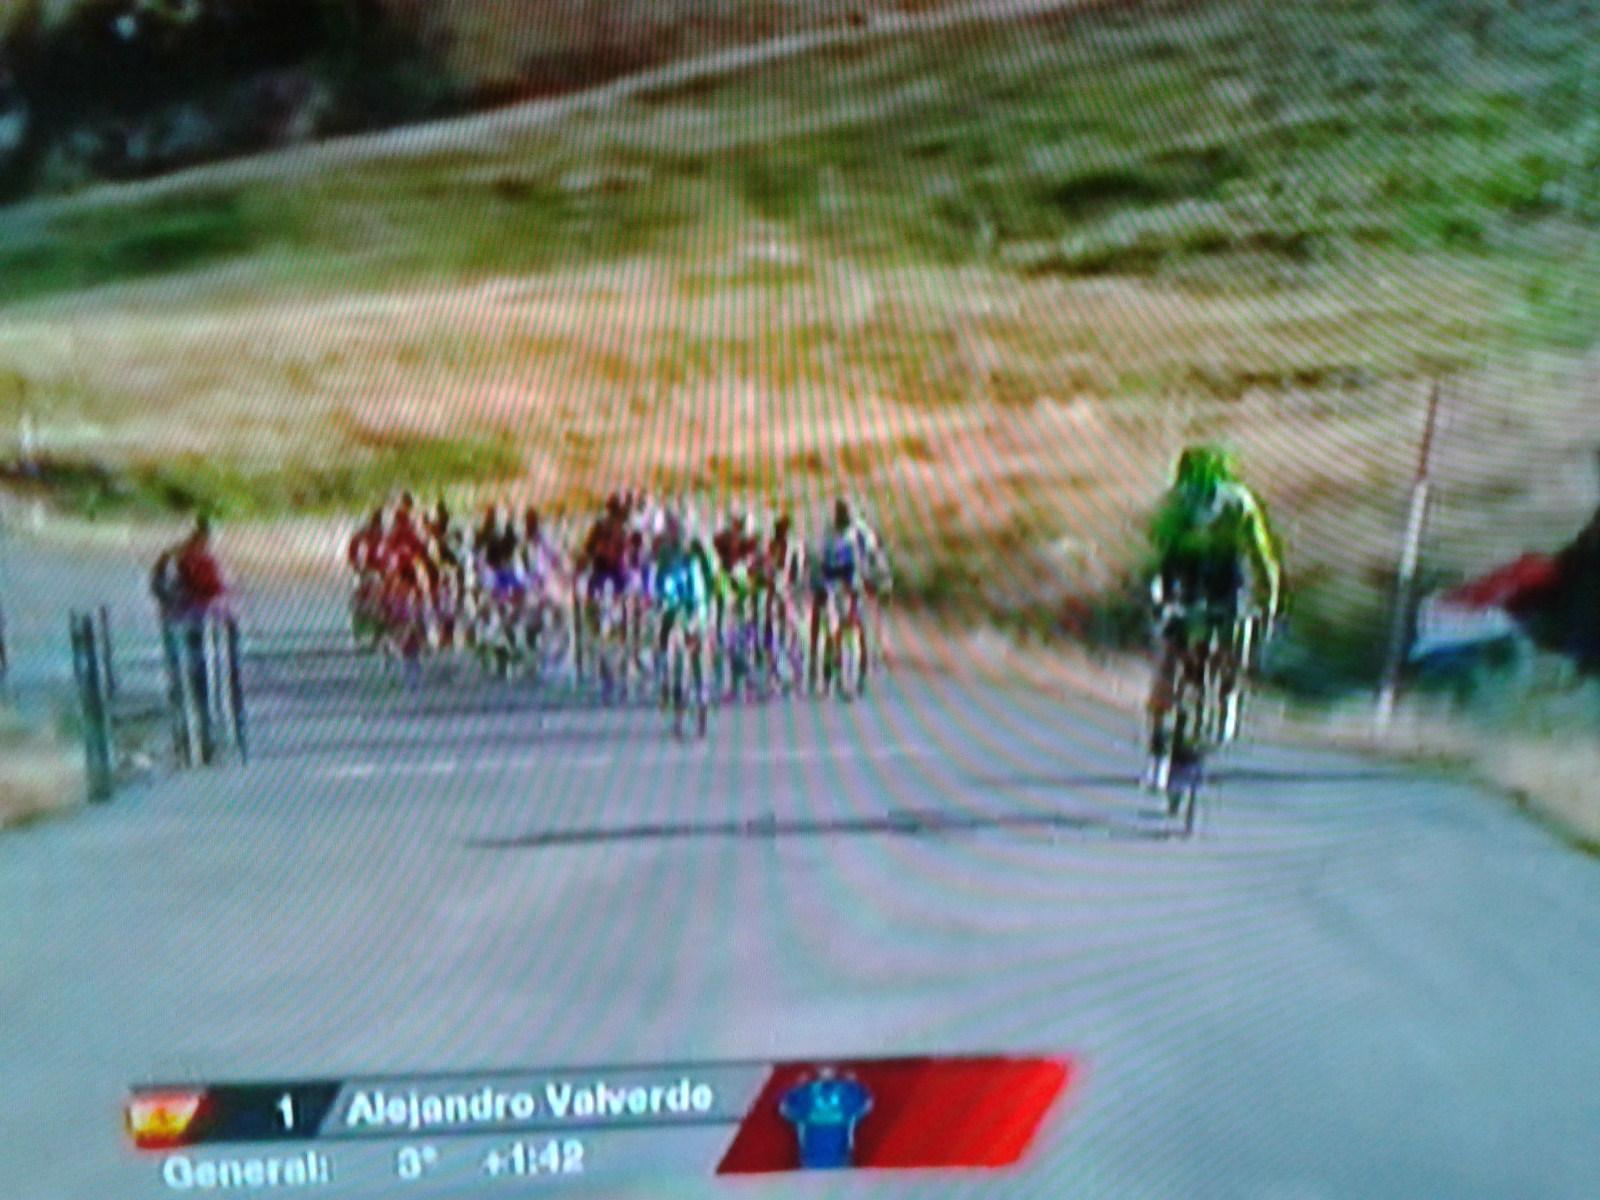 Alejandro Valverde attackiert den Führenden Nibali